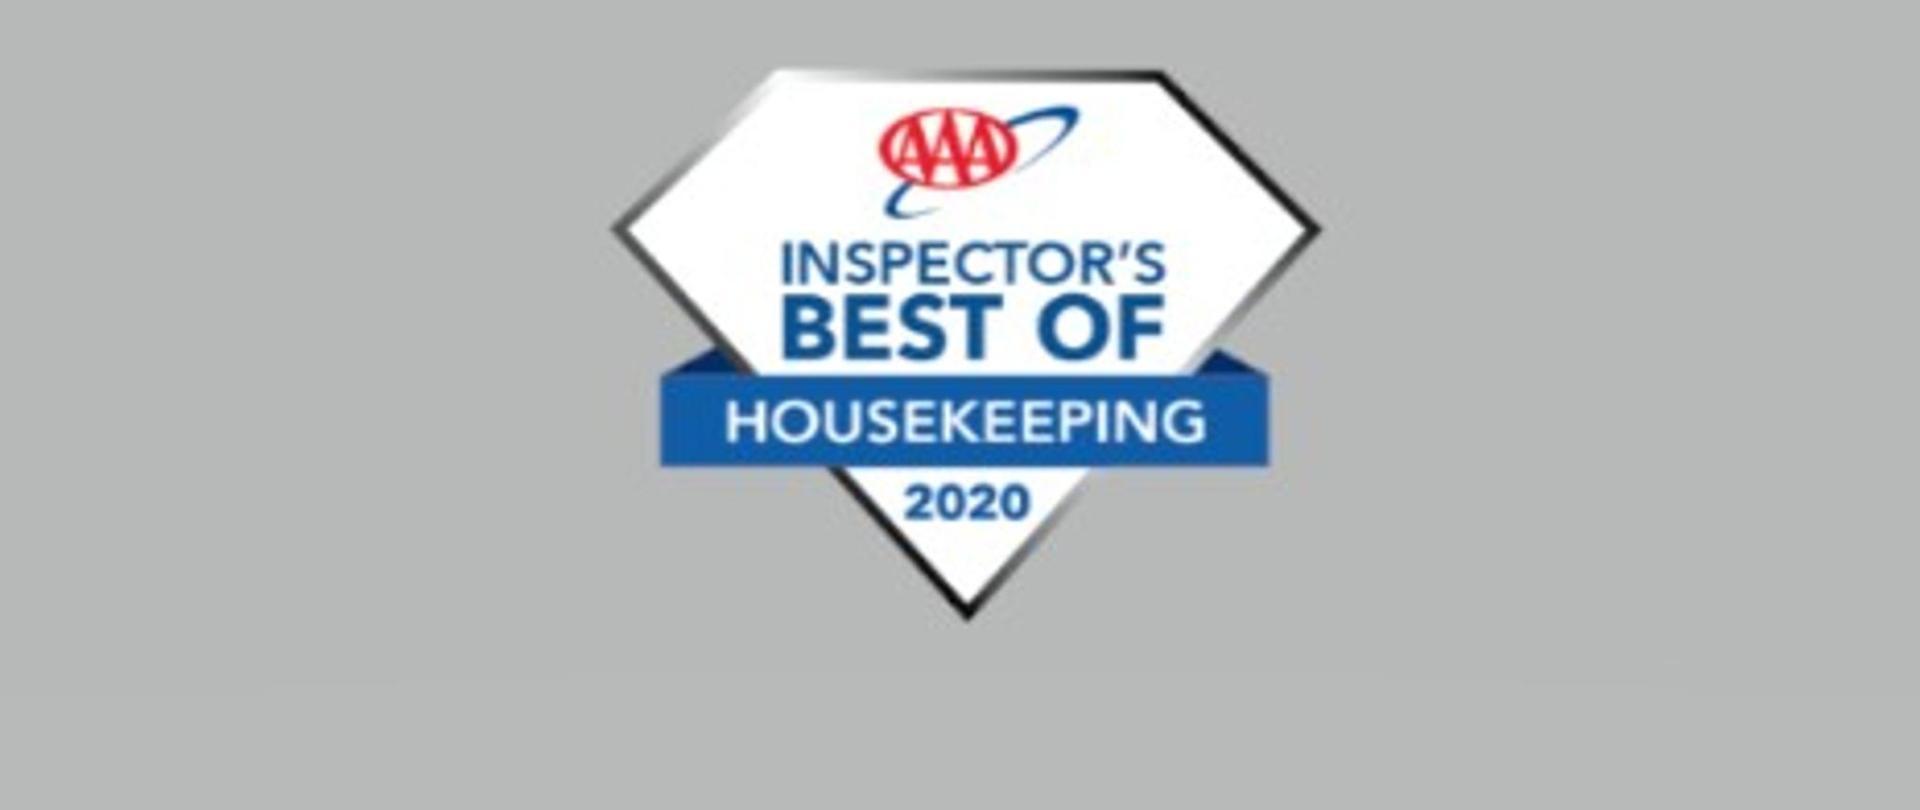 2020_Best_Of_Housekeeping3.jpg